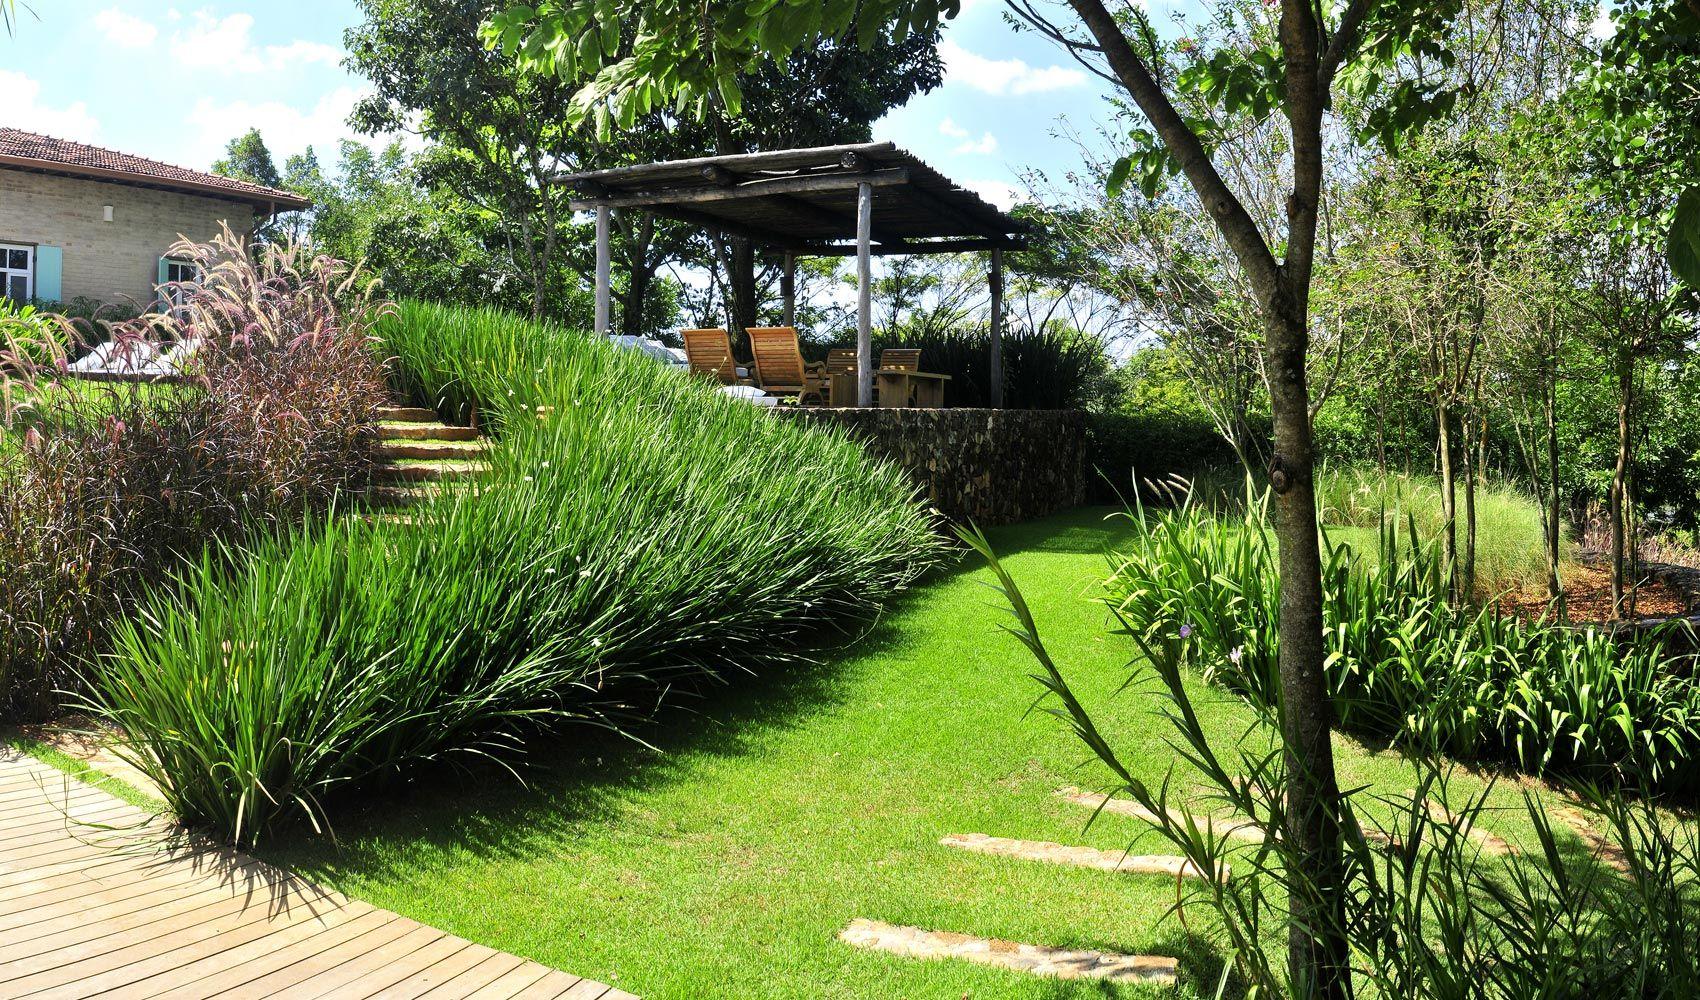 Dise o de exteriores jardines modernos y tropicales - Iluminacion de jardines modernos ...